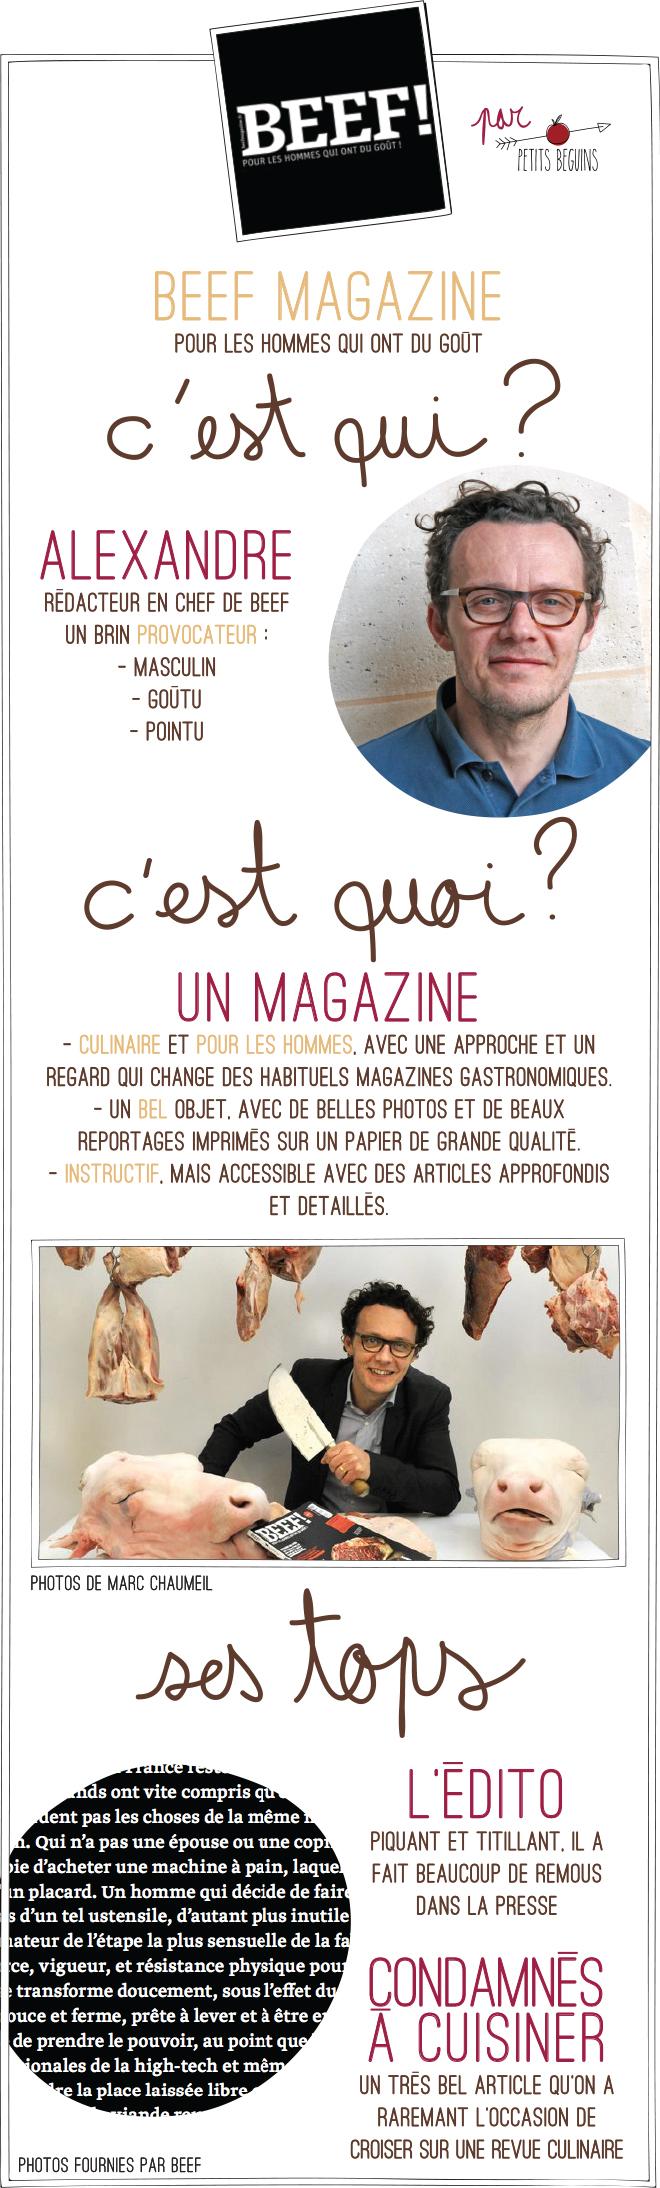 Beef Magazine - Cadeaux fête des pères - Petits Béguins